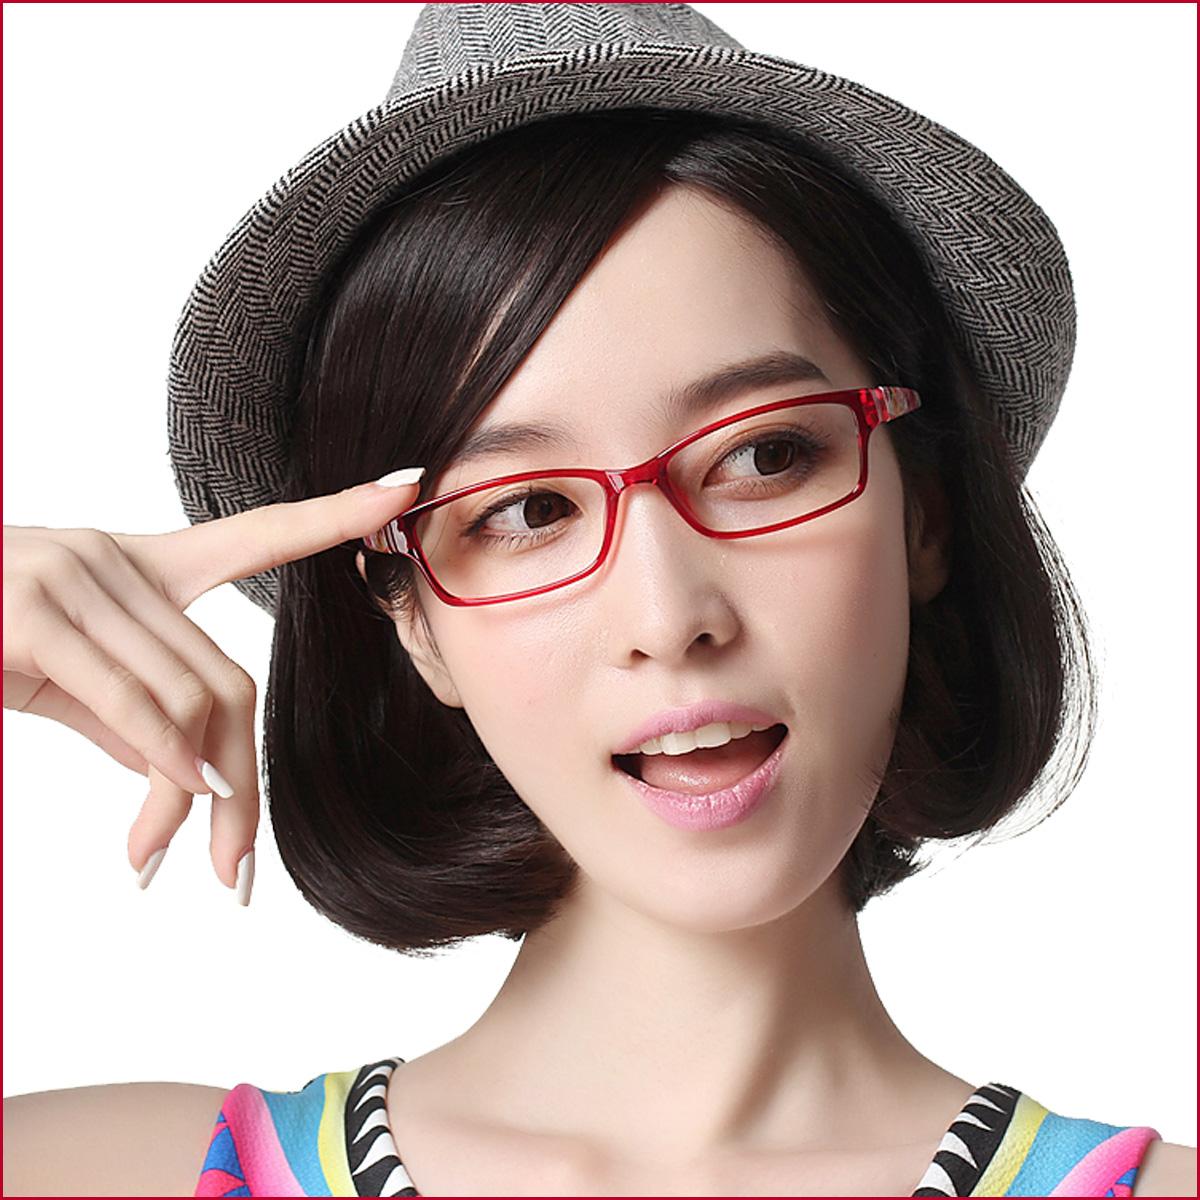 71cb663951 Korean female models myopia eyeglass frame glasses ultra-light TR90 glasses  frame tide elegant woman